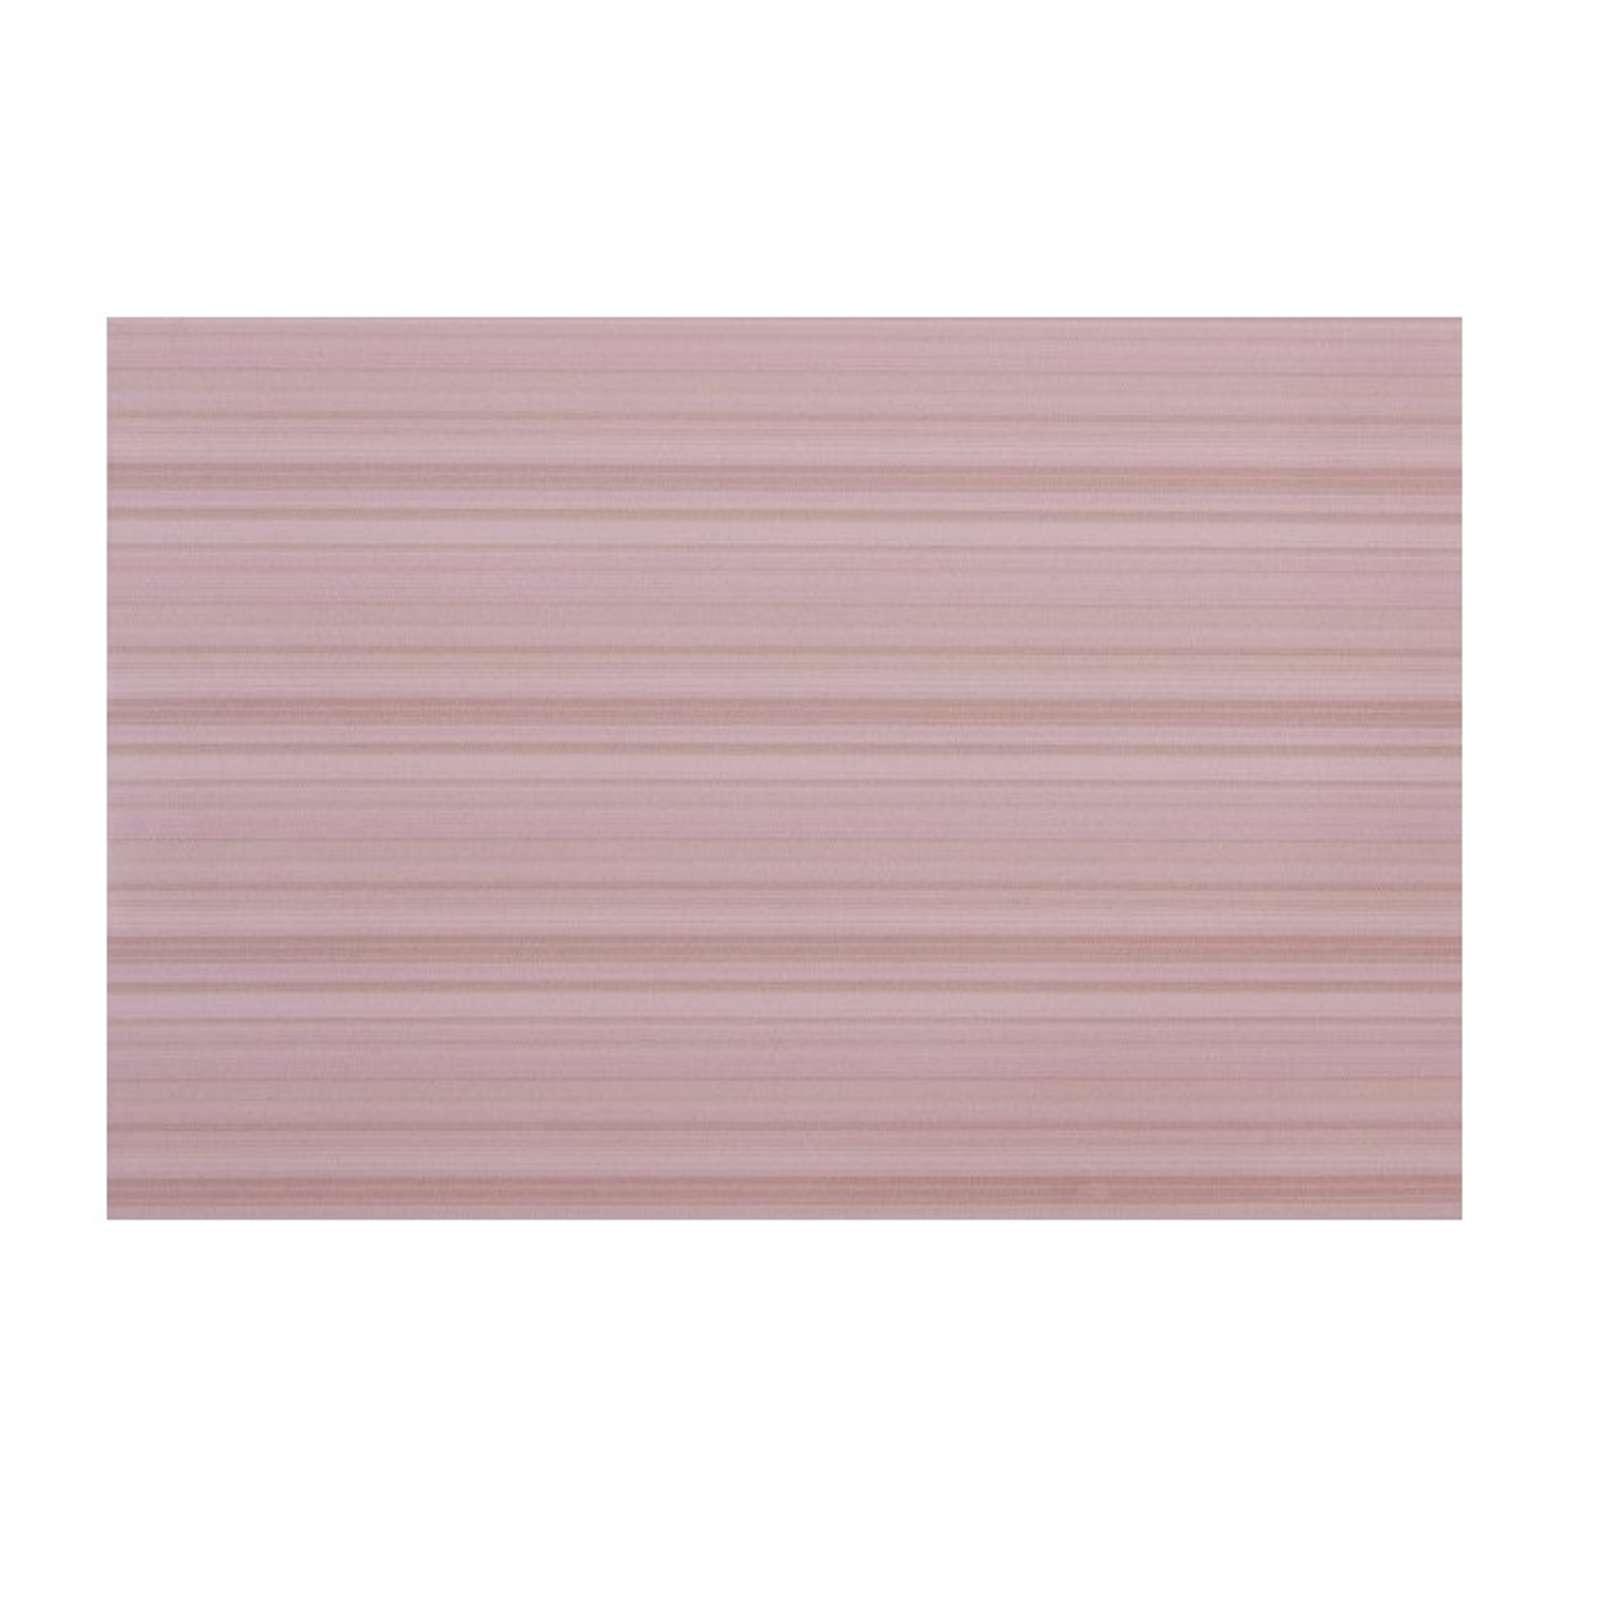 Плитка обл. 200х300мм Романтика розовый низ 02, Шахты